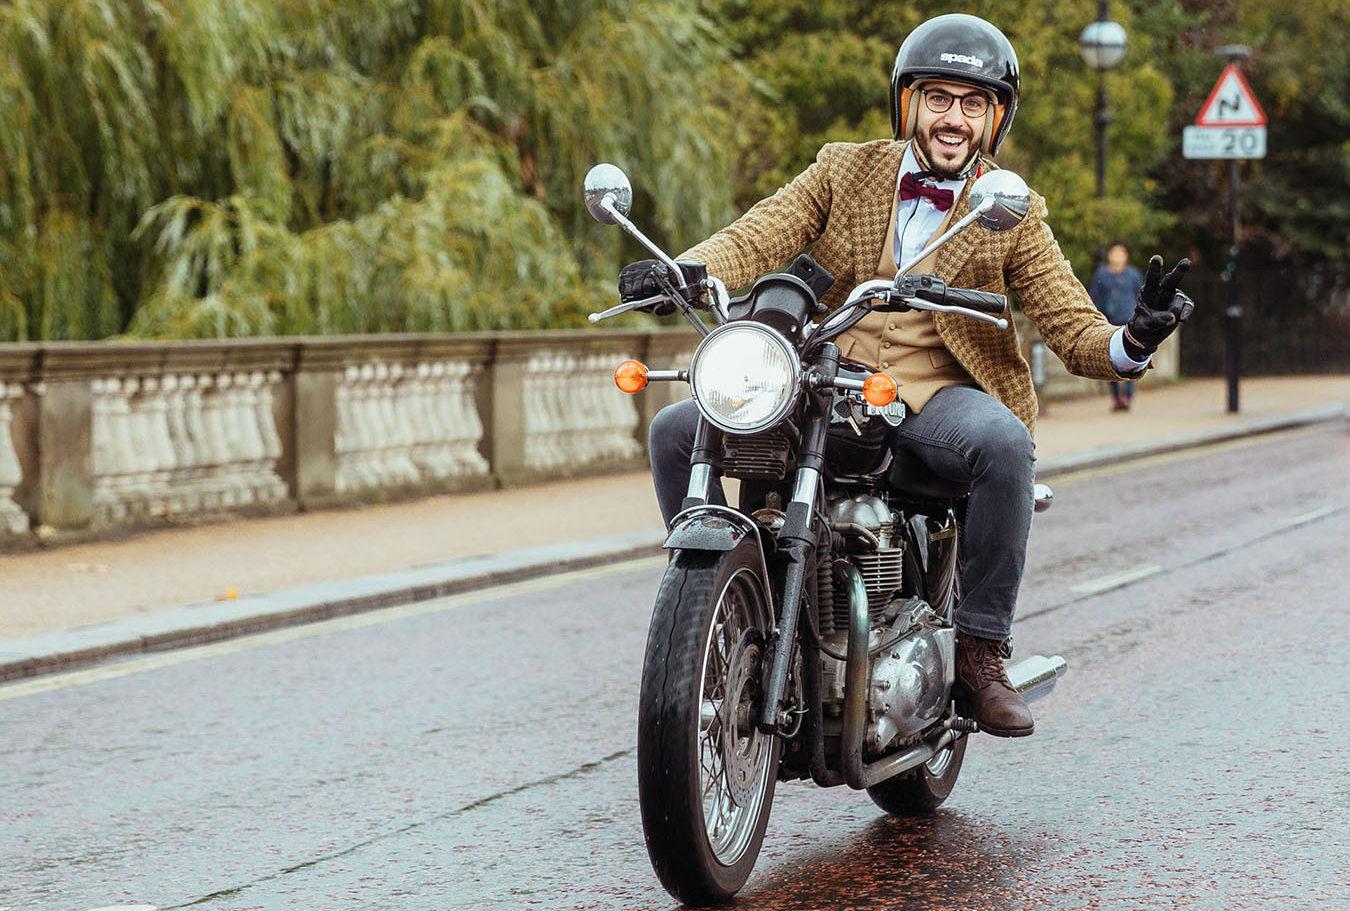 A Distinguished Gentlemen's Ride participant. Photo courtesy Triumph.